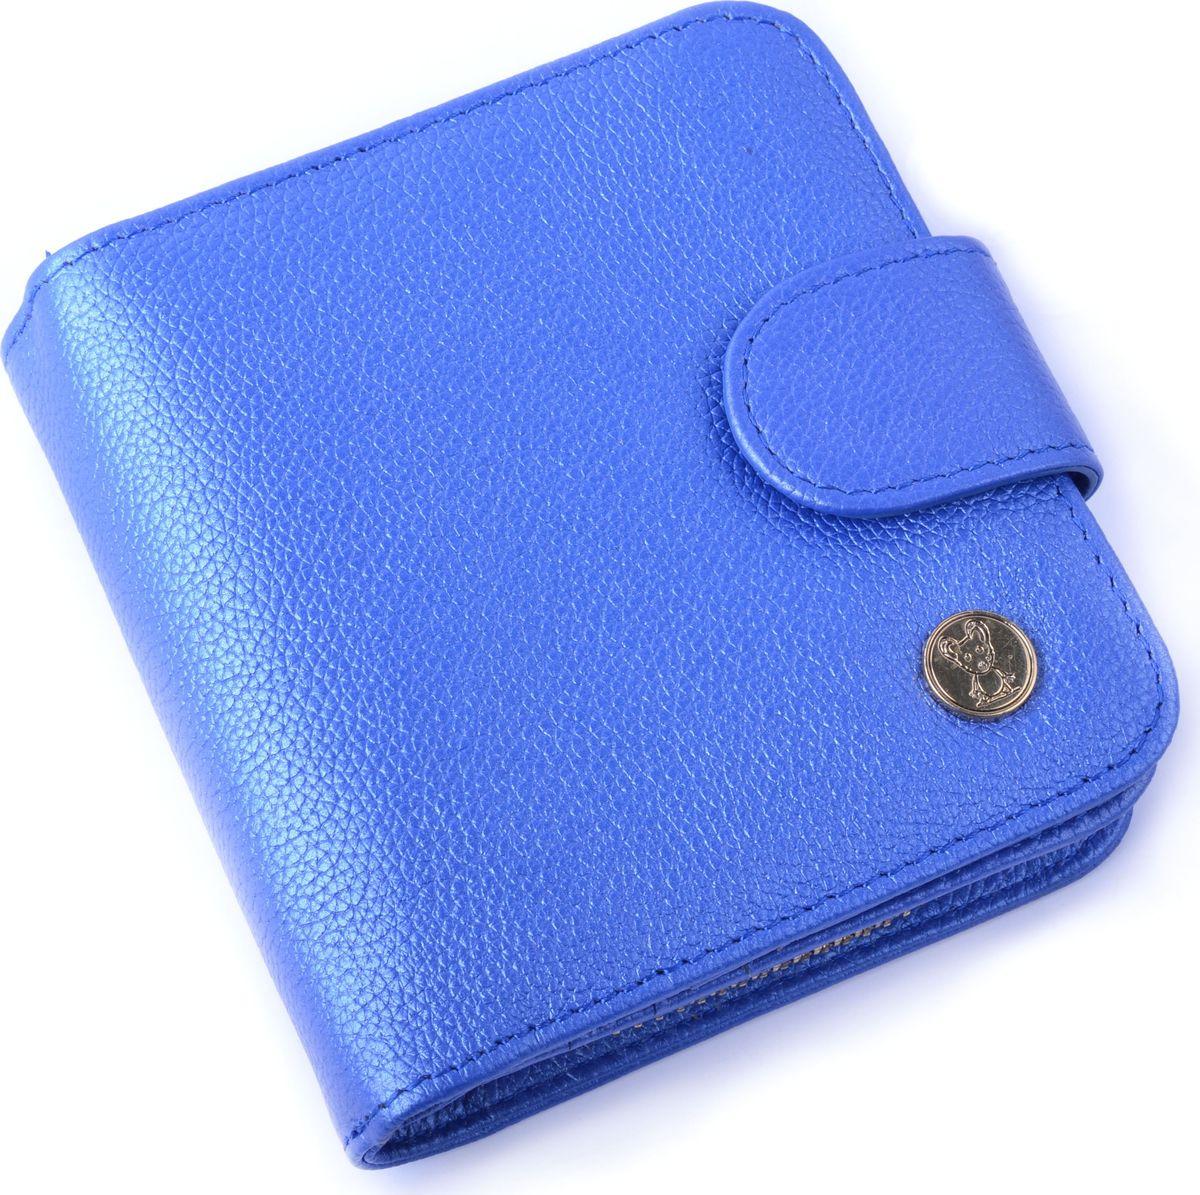 Кошелек женский Topo Fortunato, TF 119-007, голубой